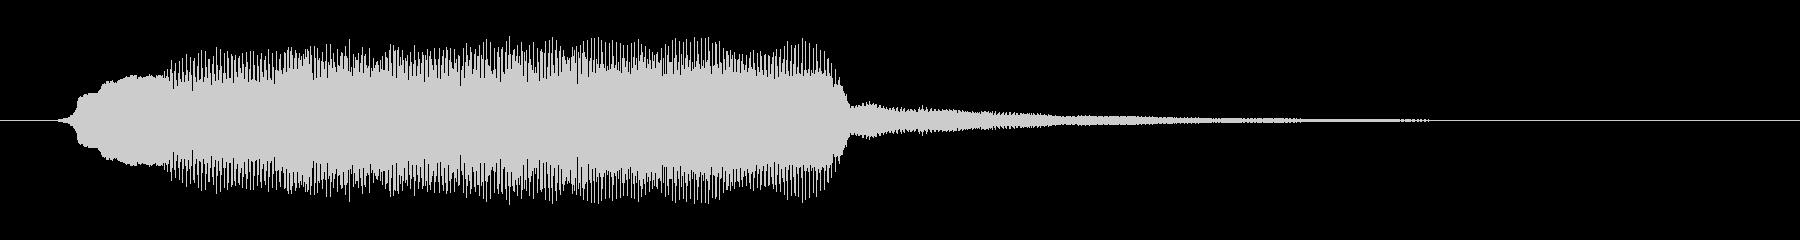 複数の笛で和音を鳴らすジングルの未再生の波形